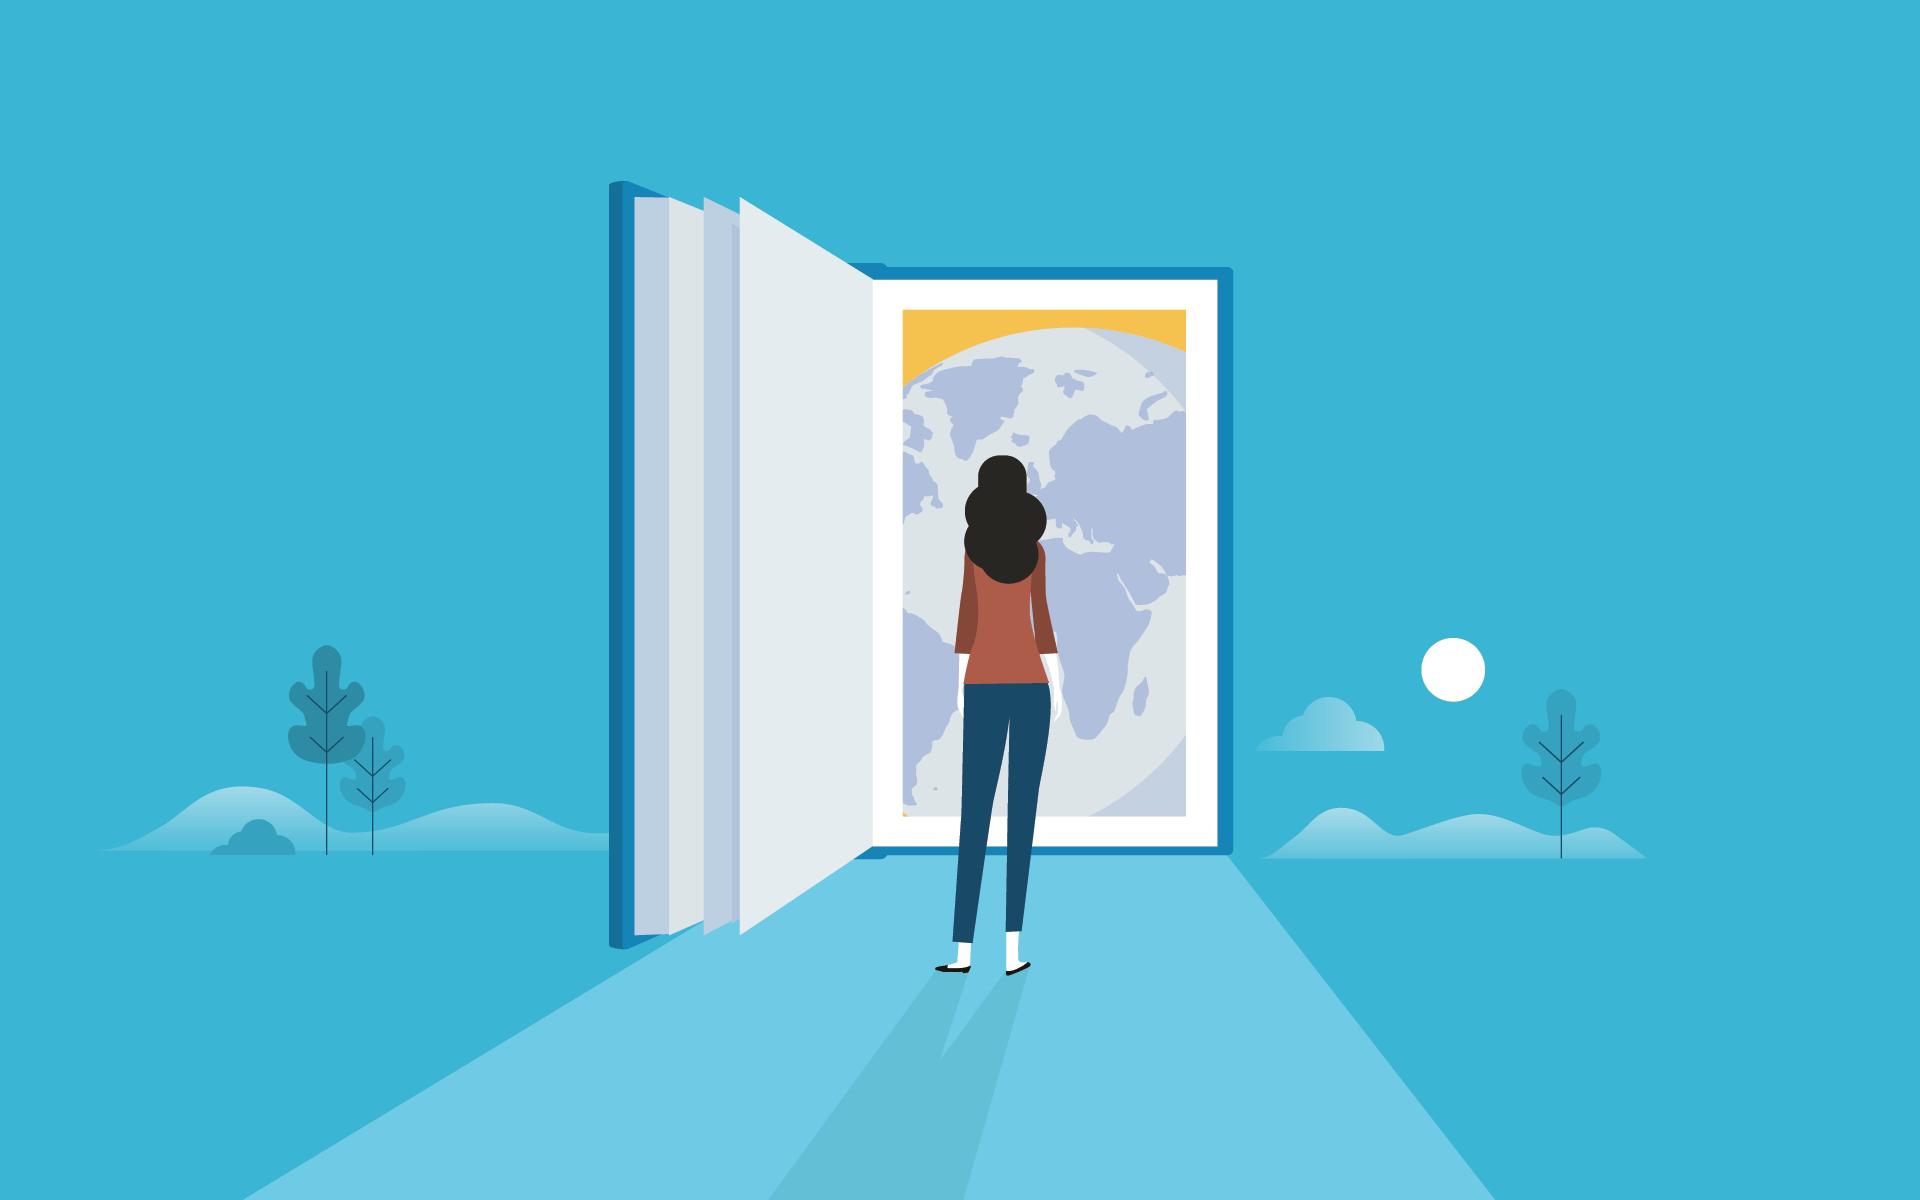 woman standing in front of open door